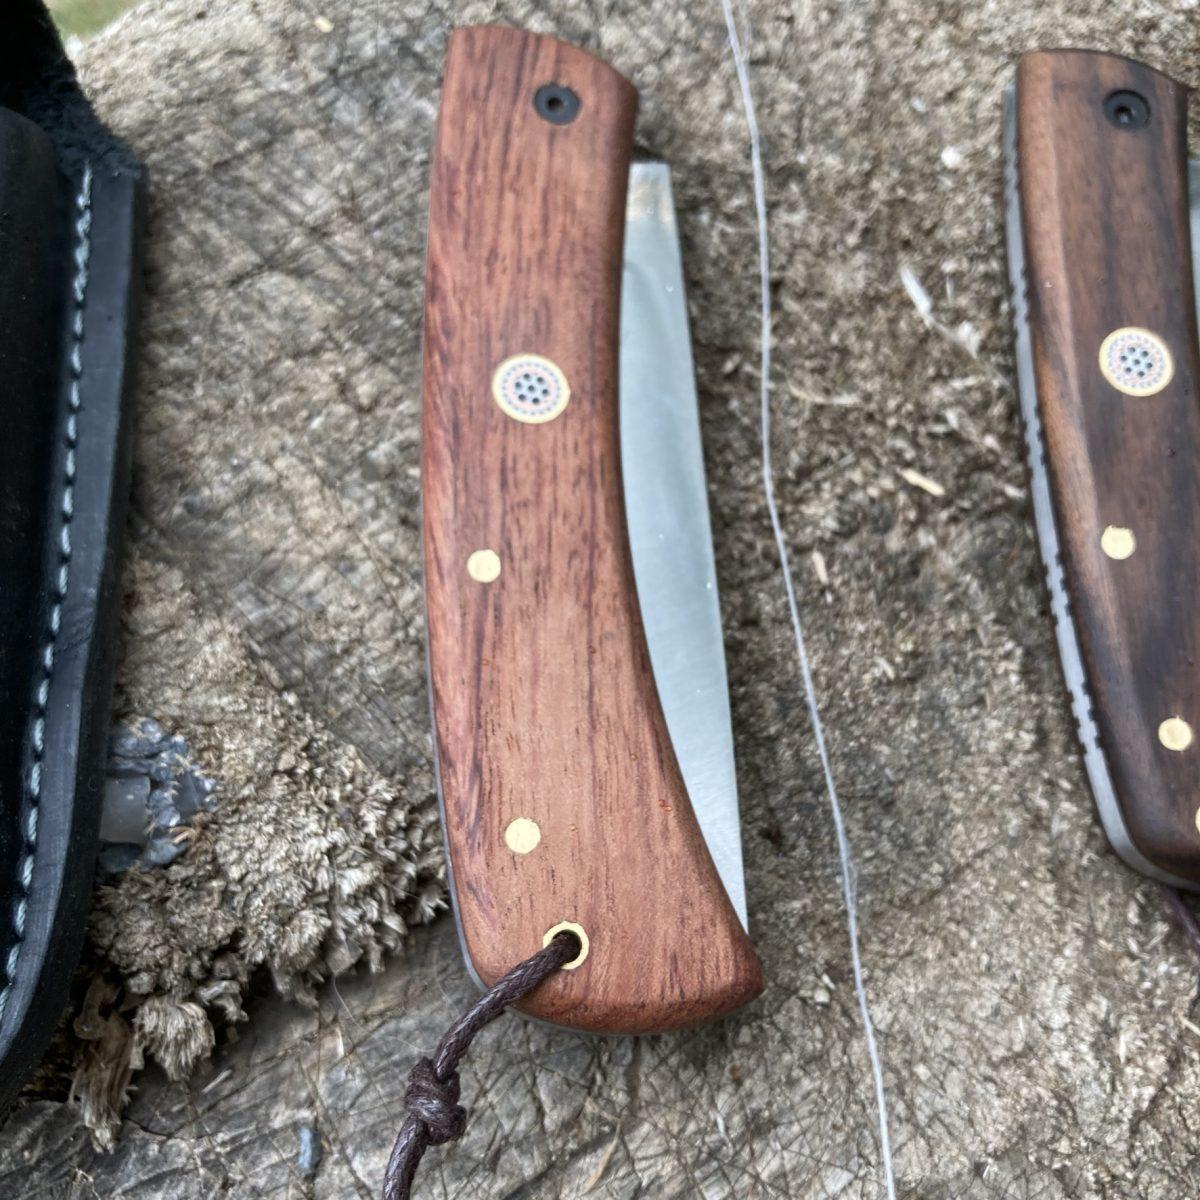 Buy Handmade Pocket Knife For Sale 4 Hand Forged Folding Pocket Knives